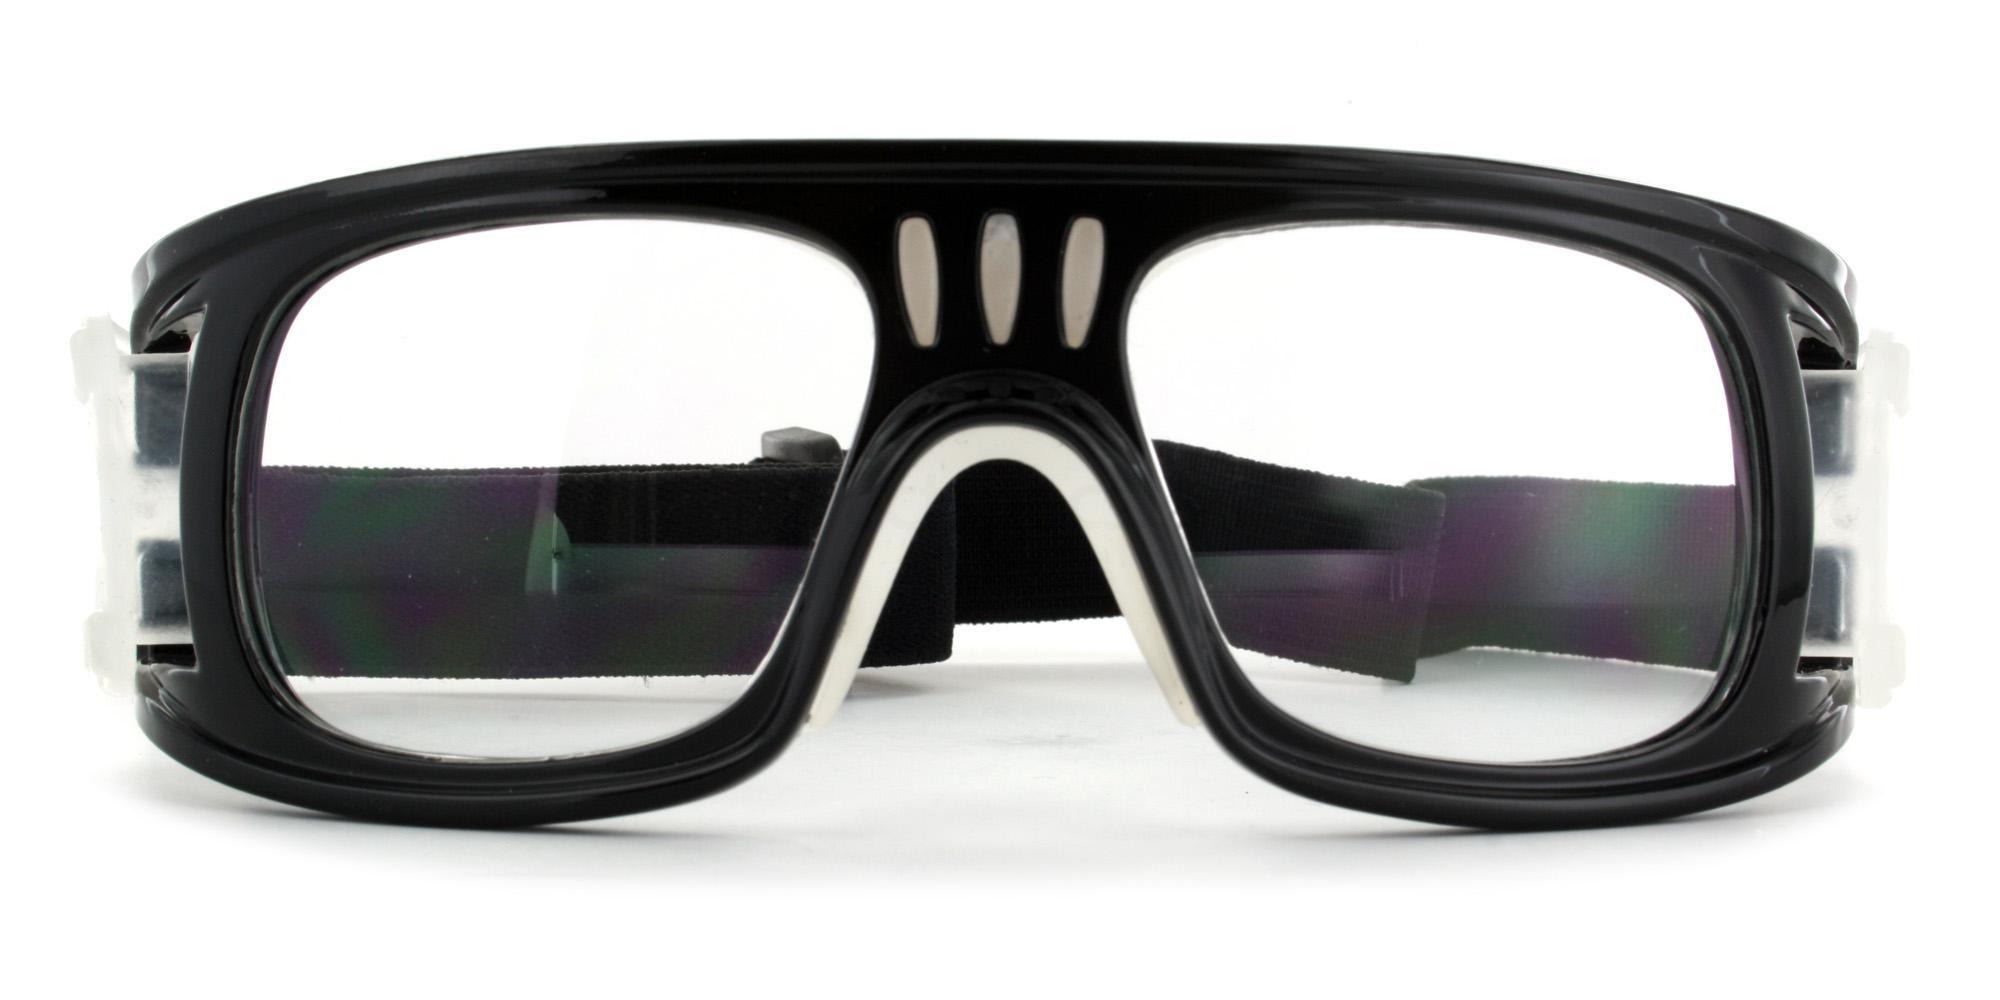 Black 435 Sports Goggles, Aero